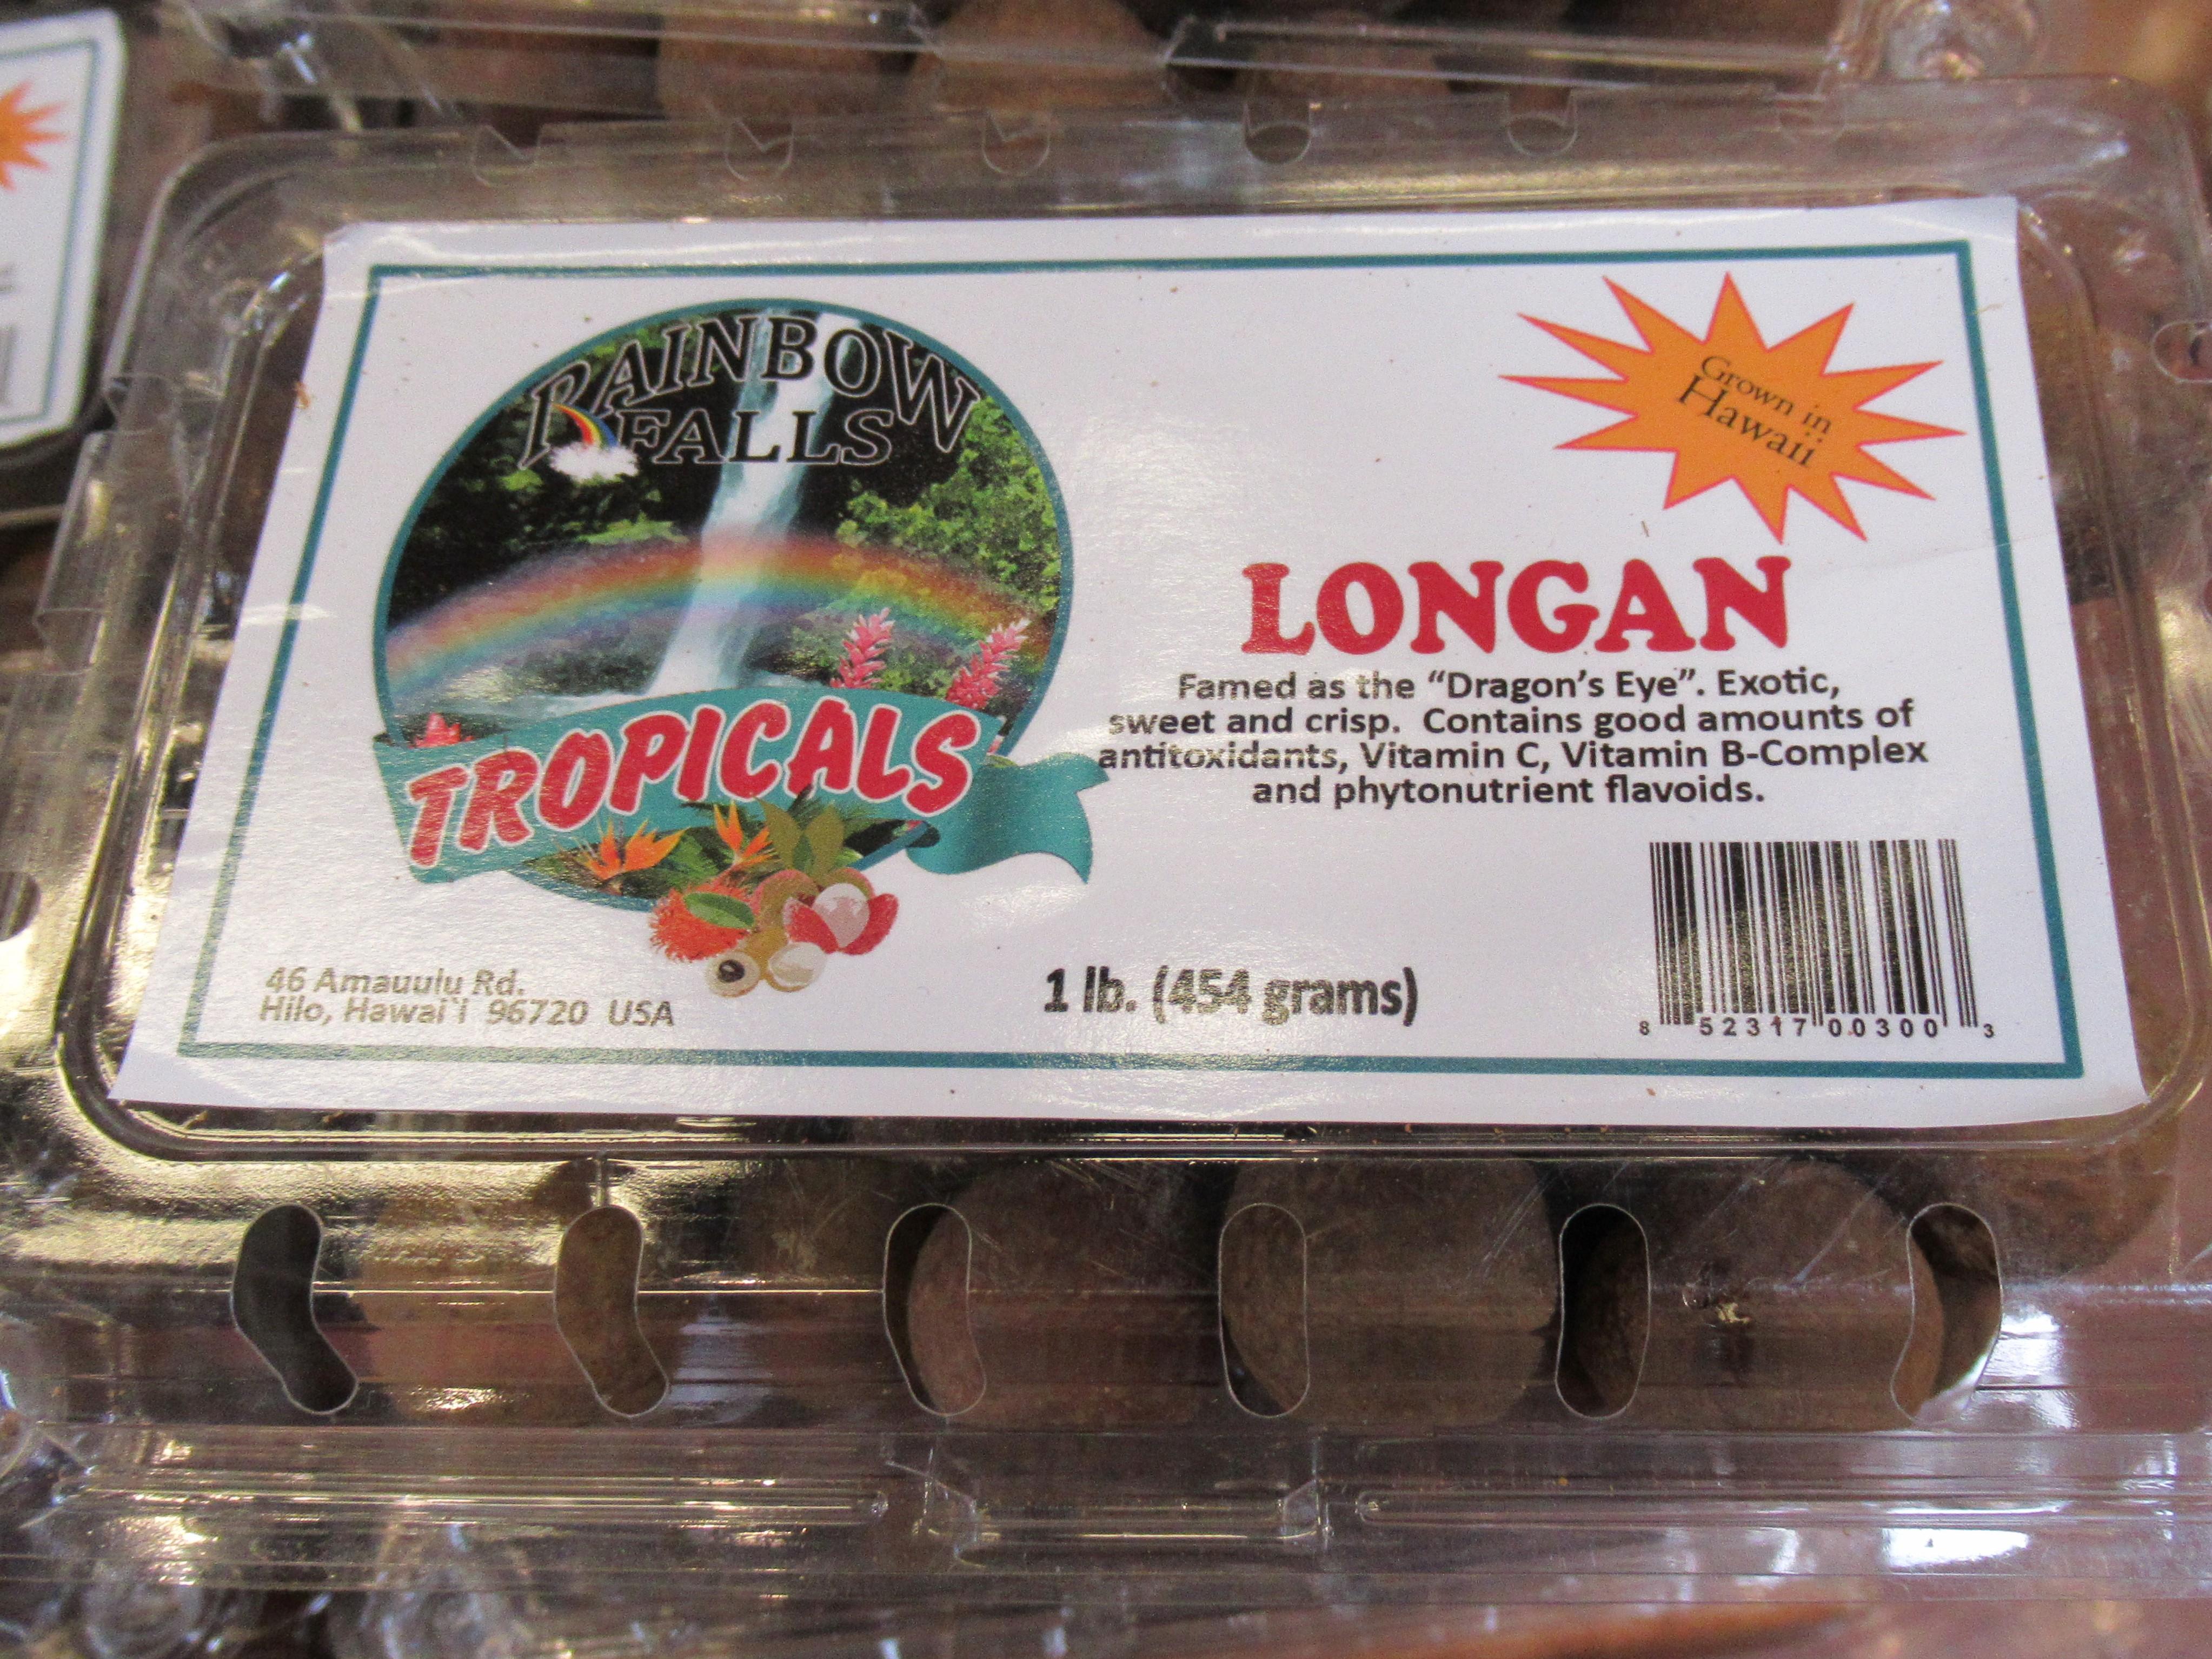 ハワイ|ホールフーズで見つけたLONGANという果物